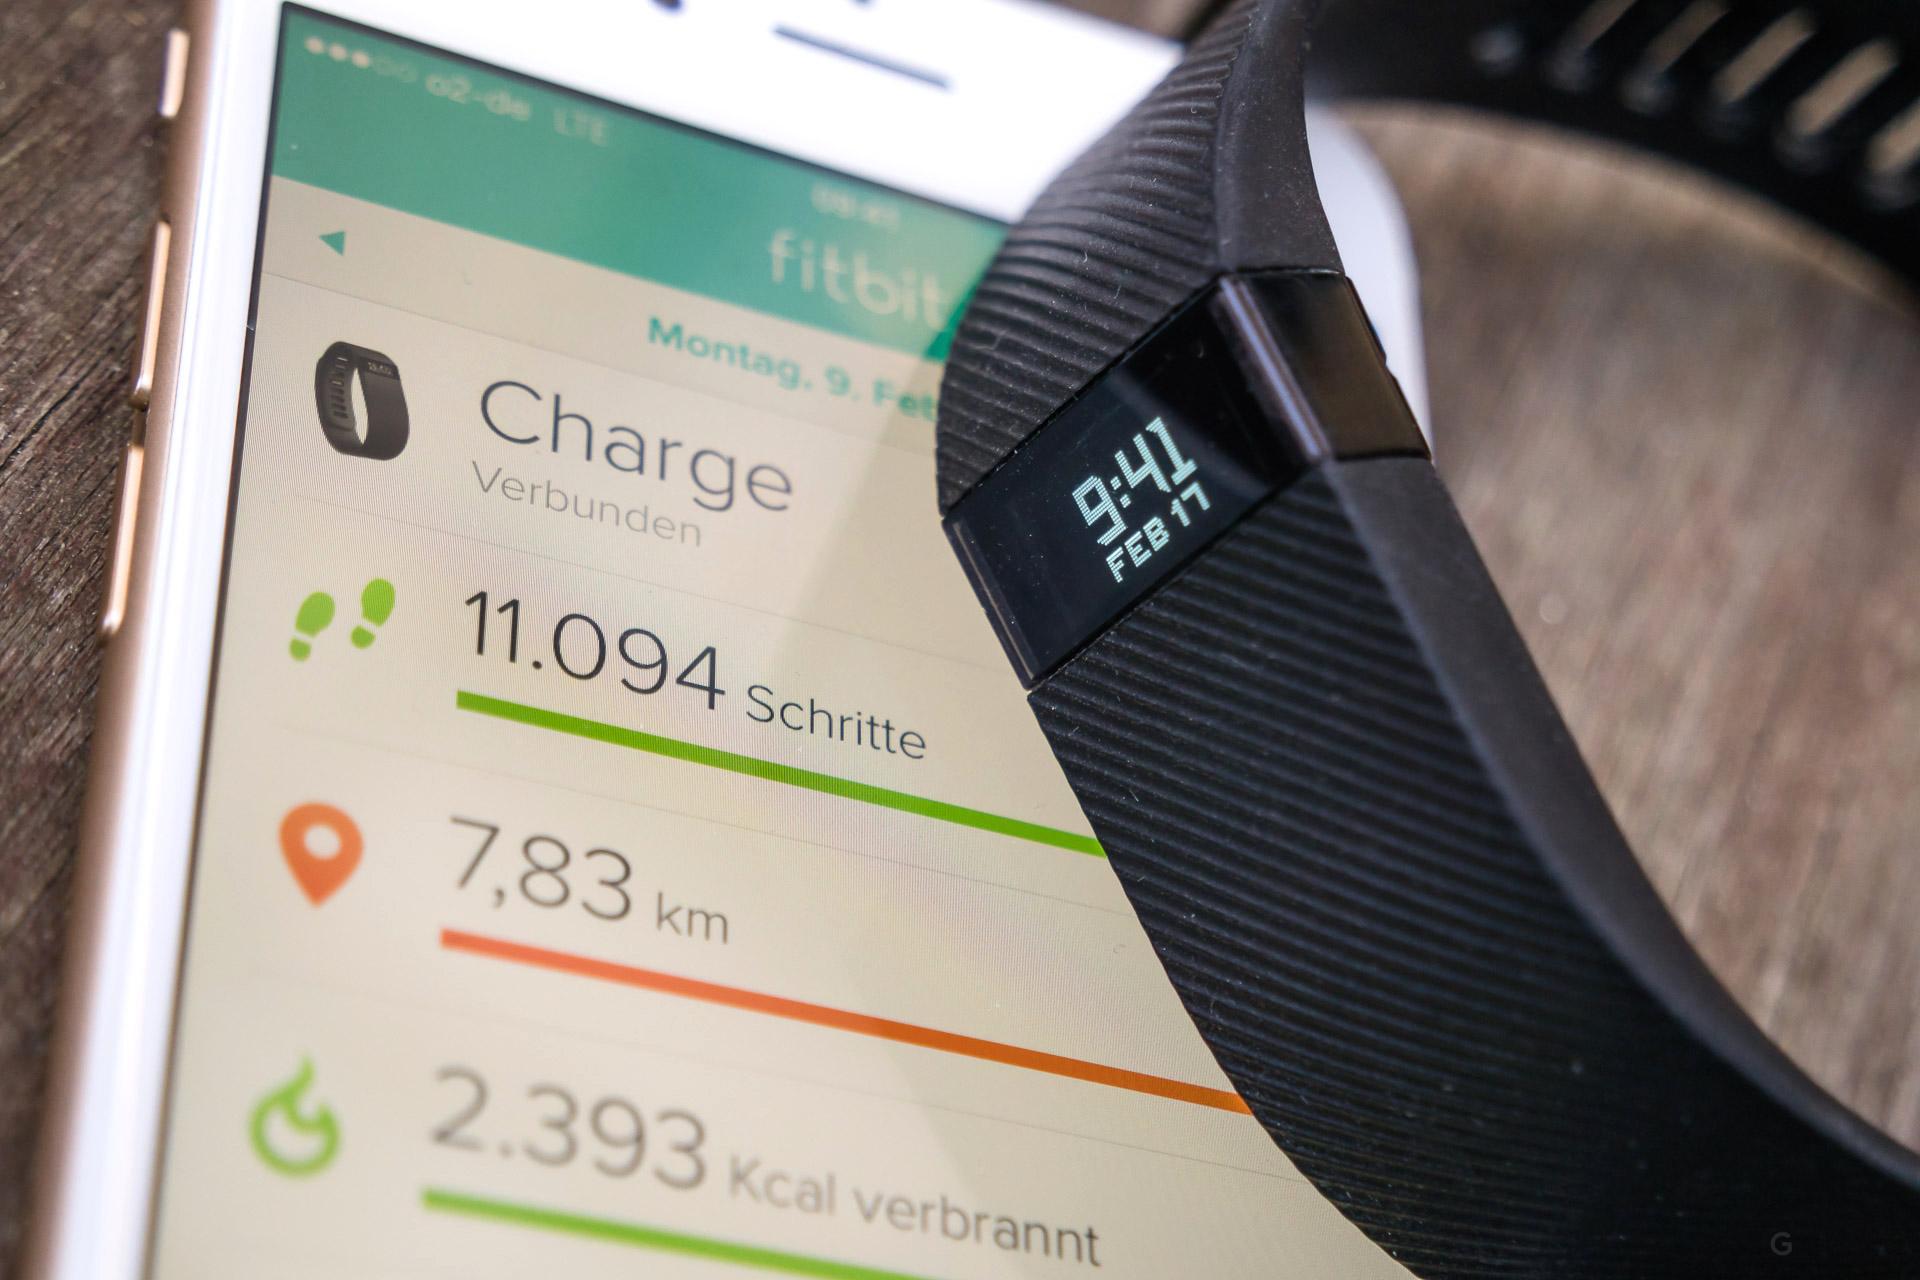 Fitbit Ohne Anmeldung